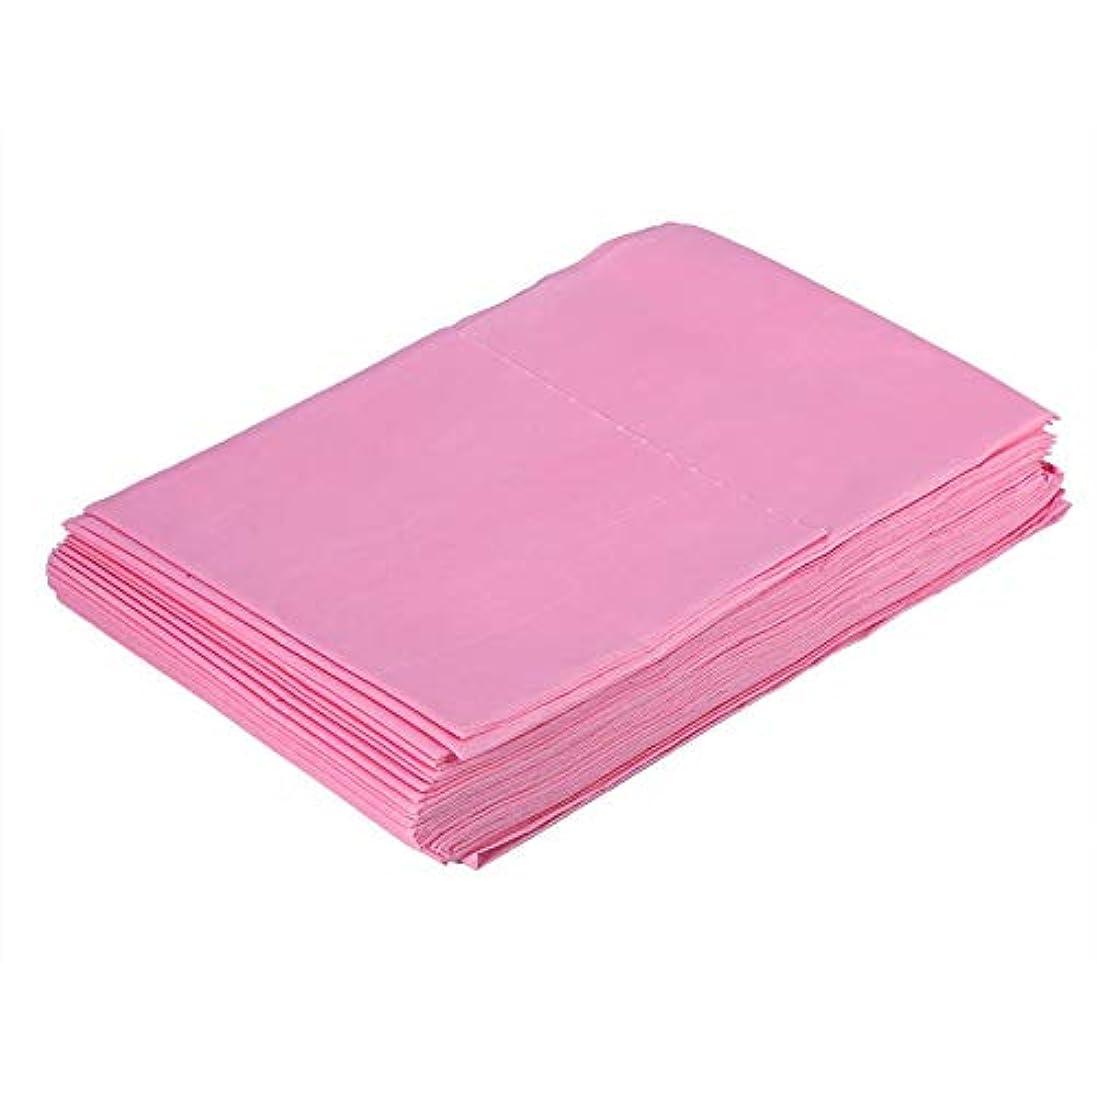 液体否認する私たち自身使い捨て防水シーツマッサージ美容カバー(ピンク)